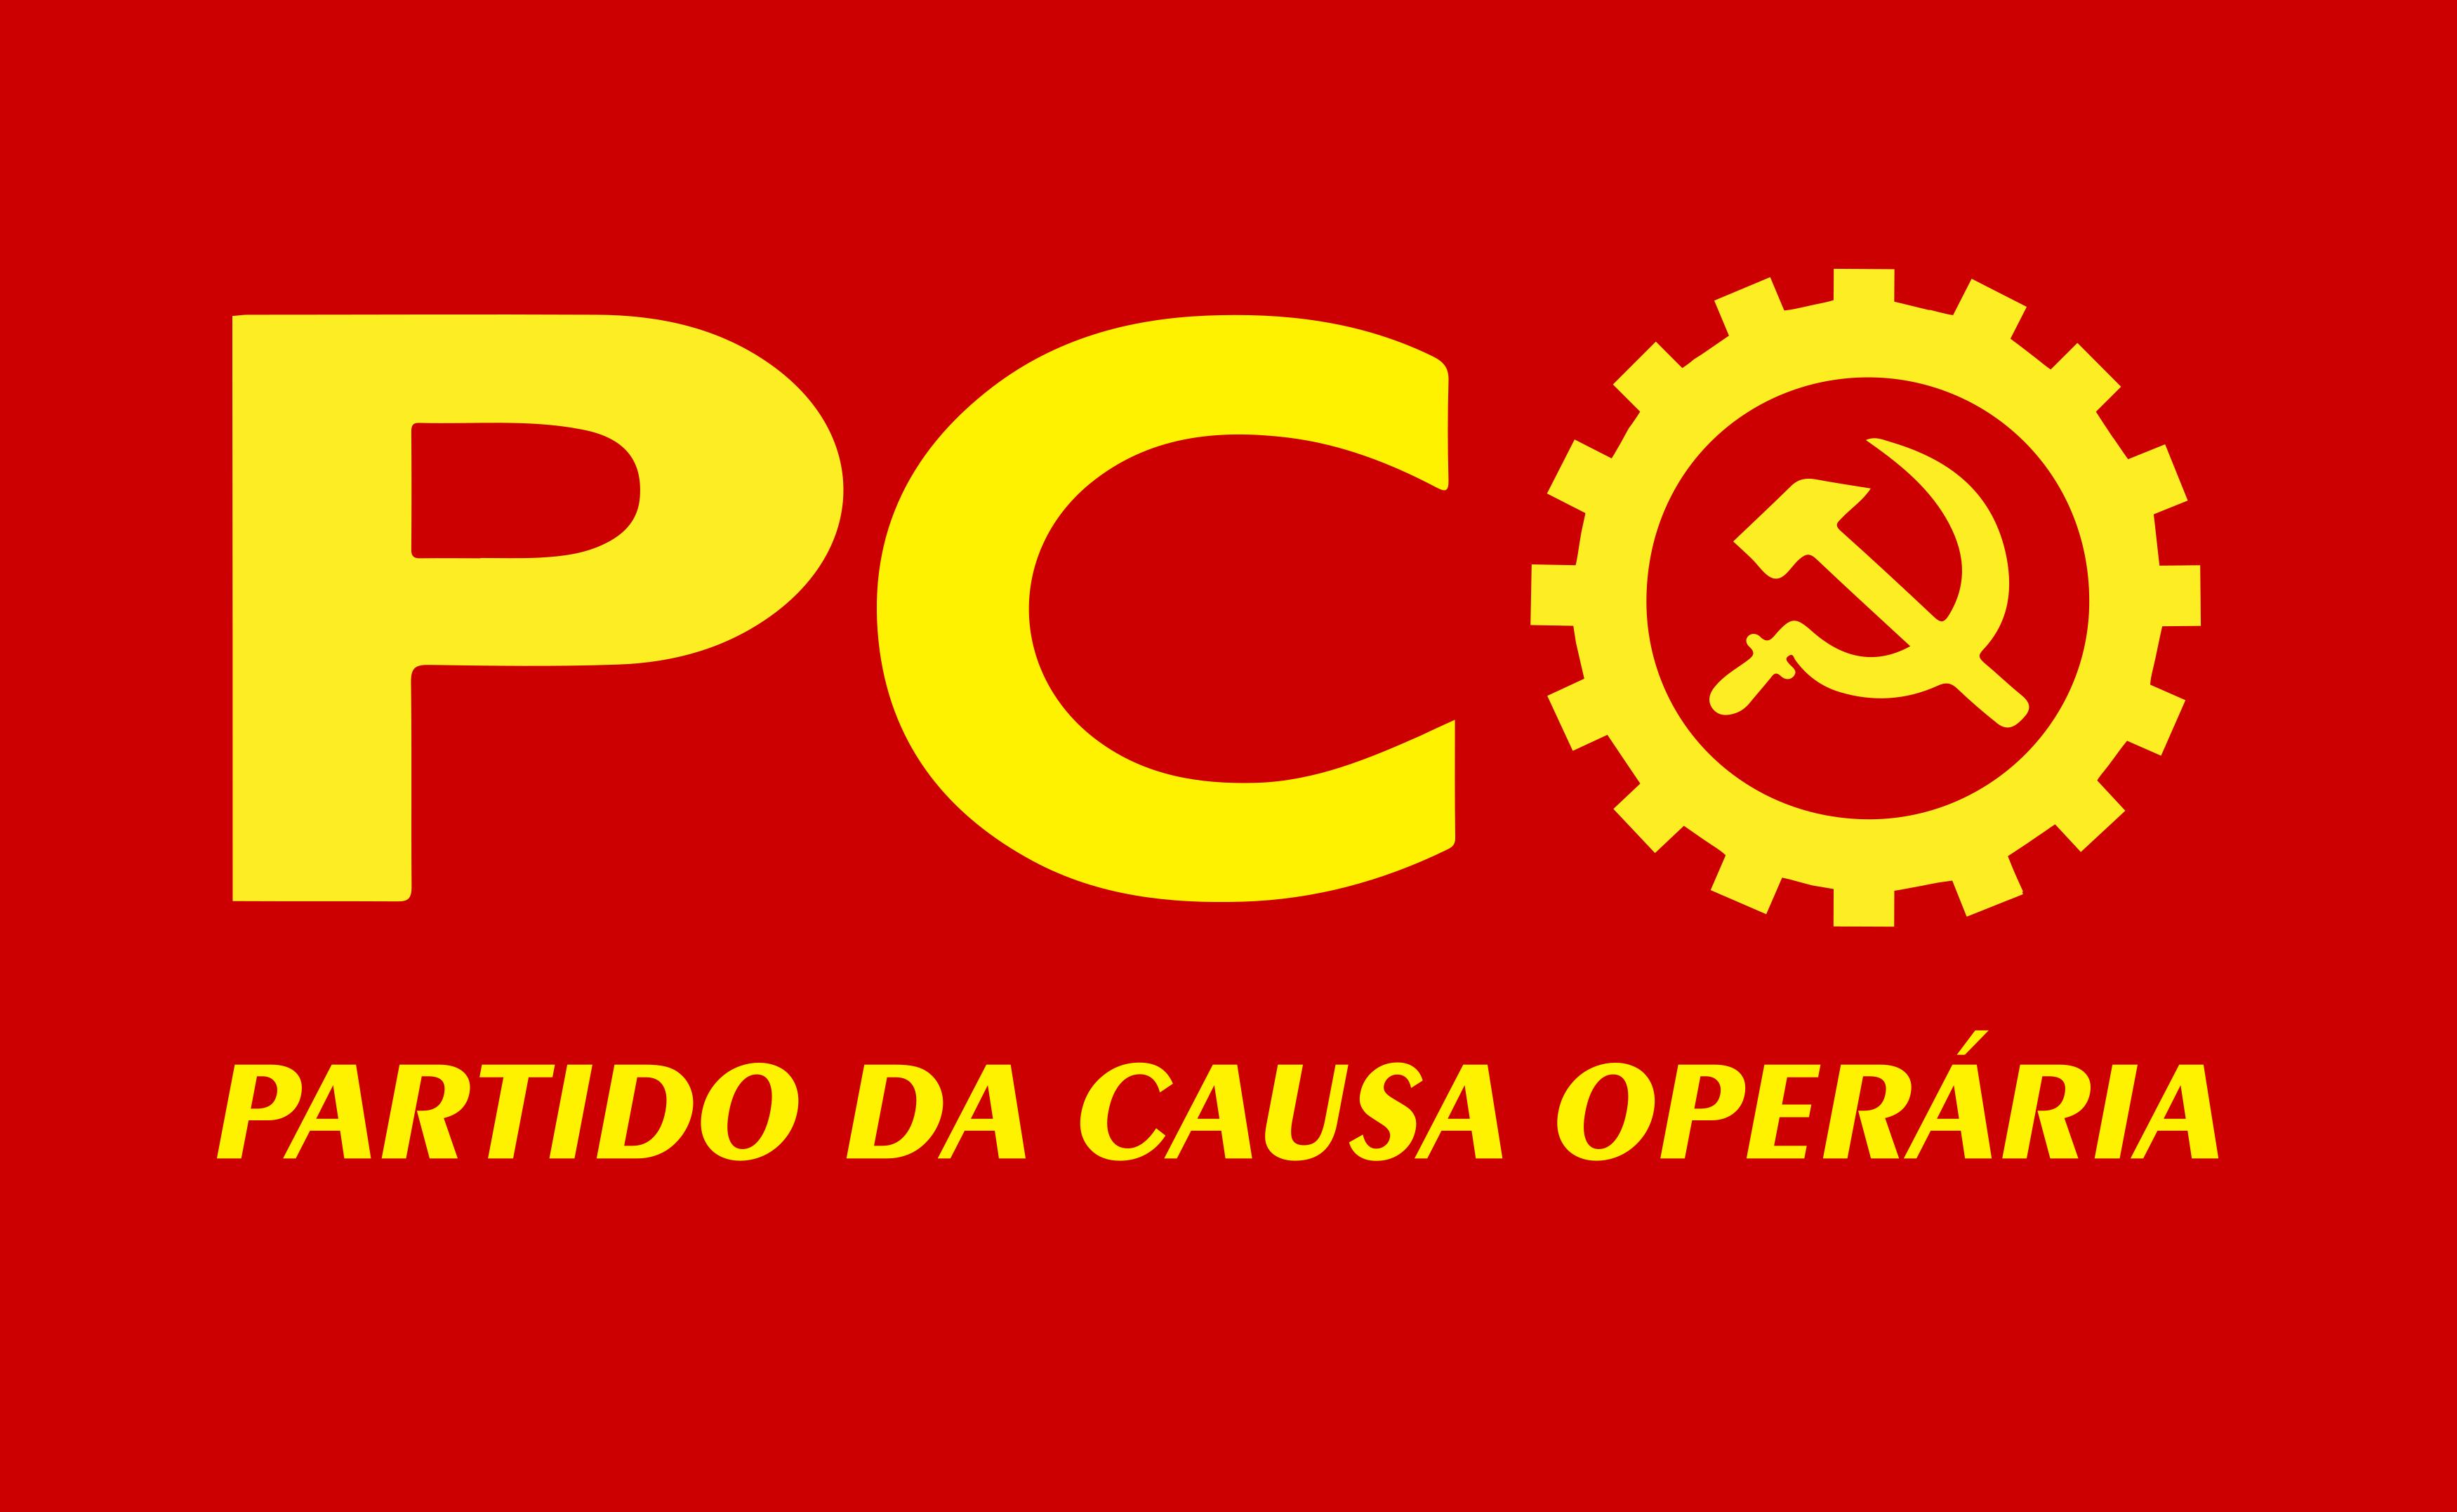 PCO Logo - Partido da Causa Operária Logo.